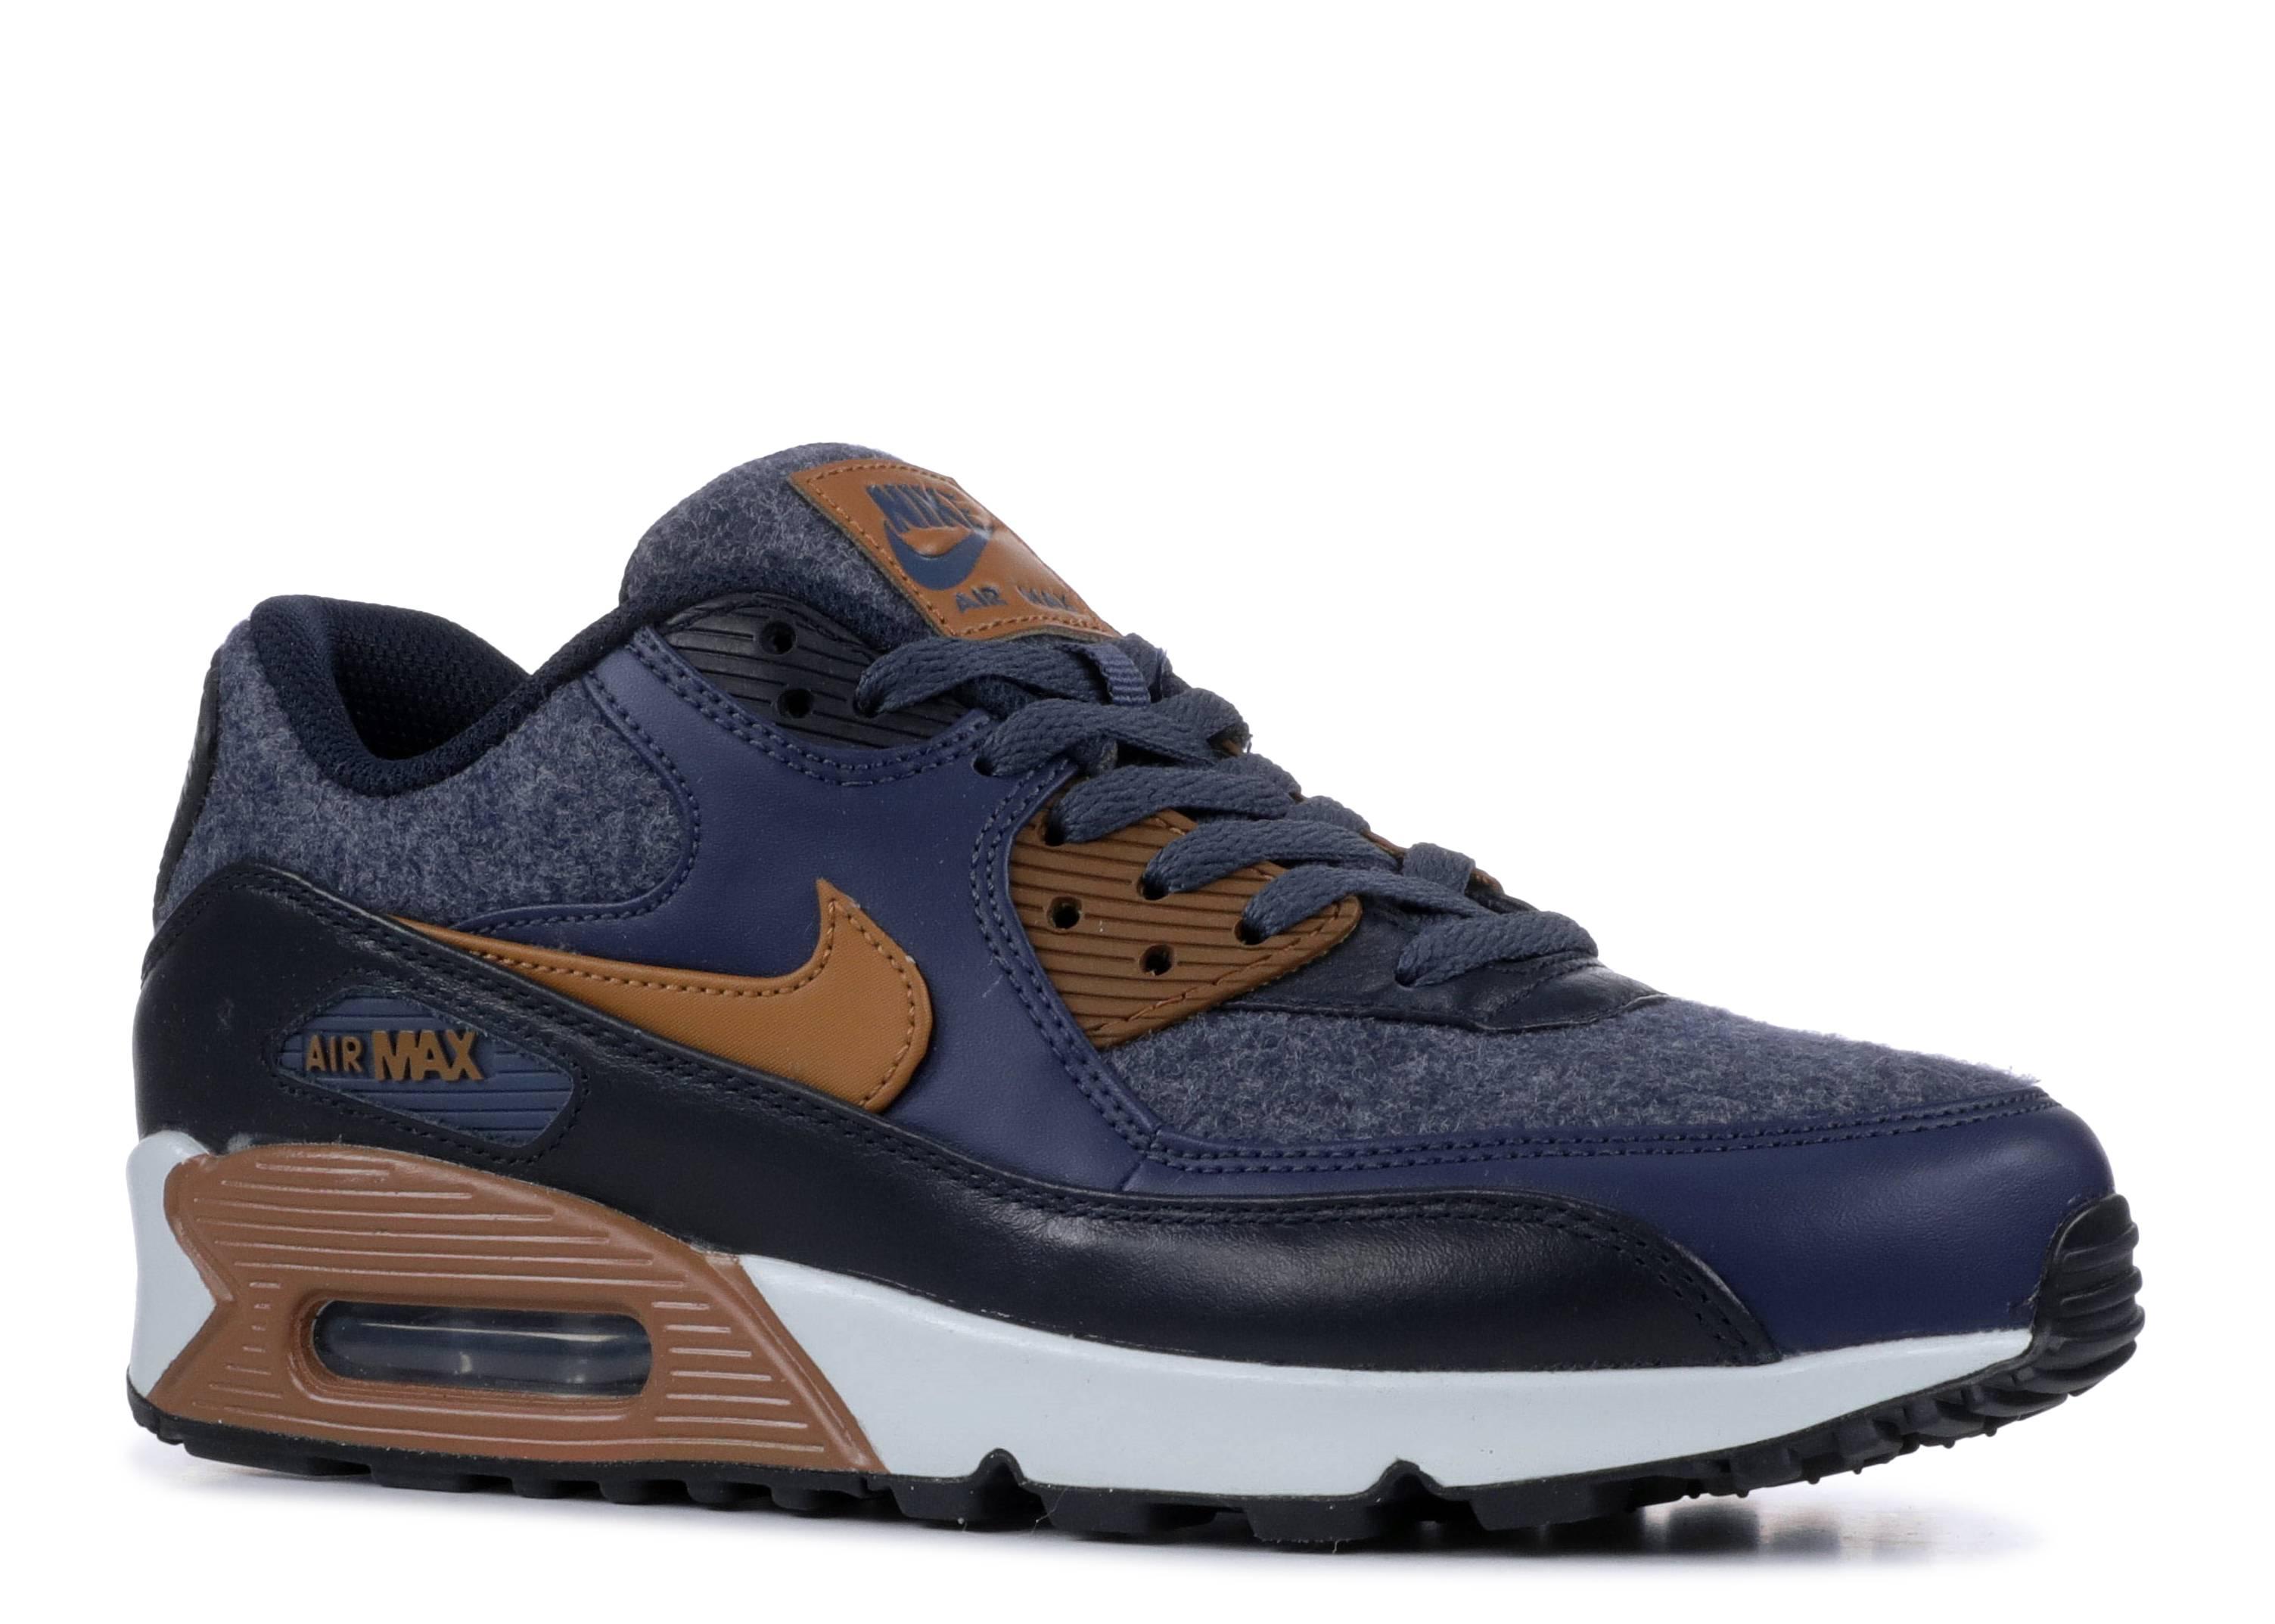 Nike Air Max 90 Premium 700155 404 Thunder BlueAle Brown